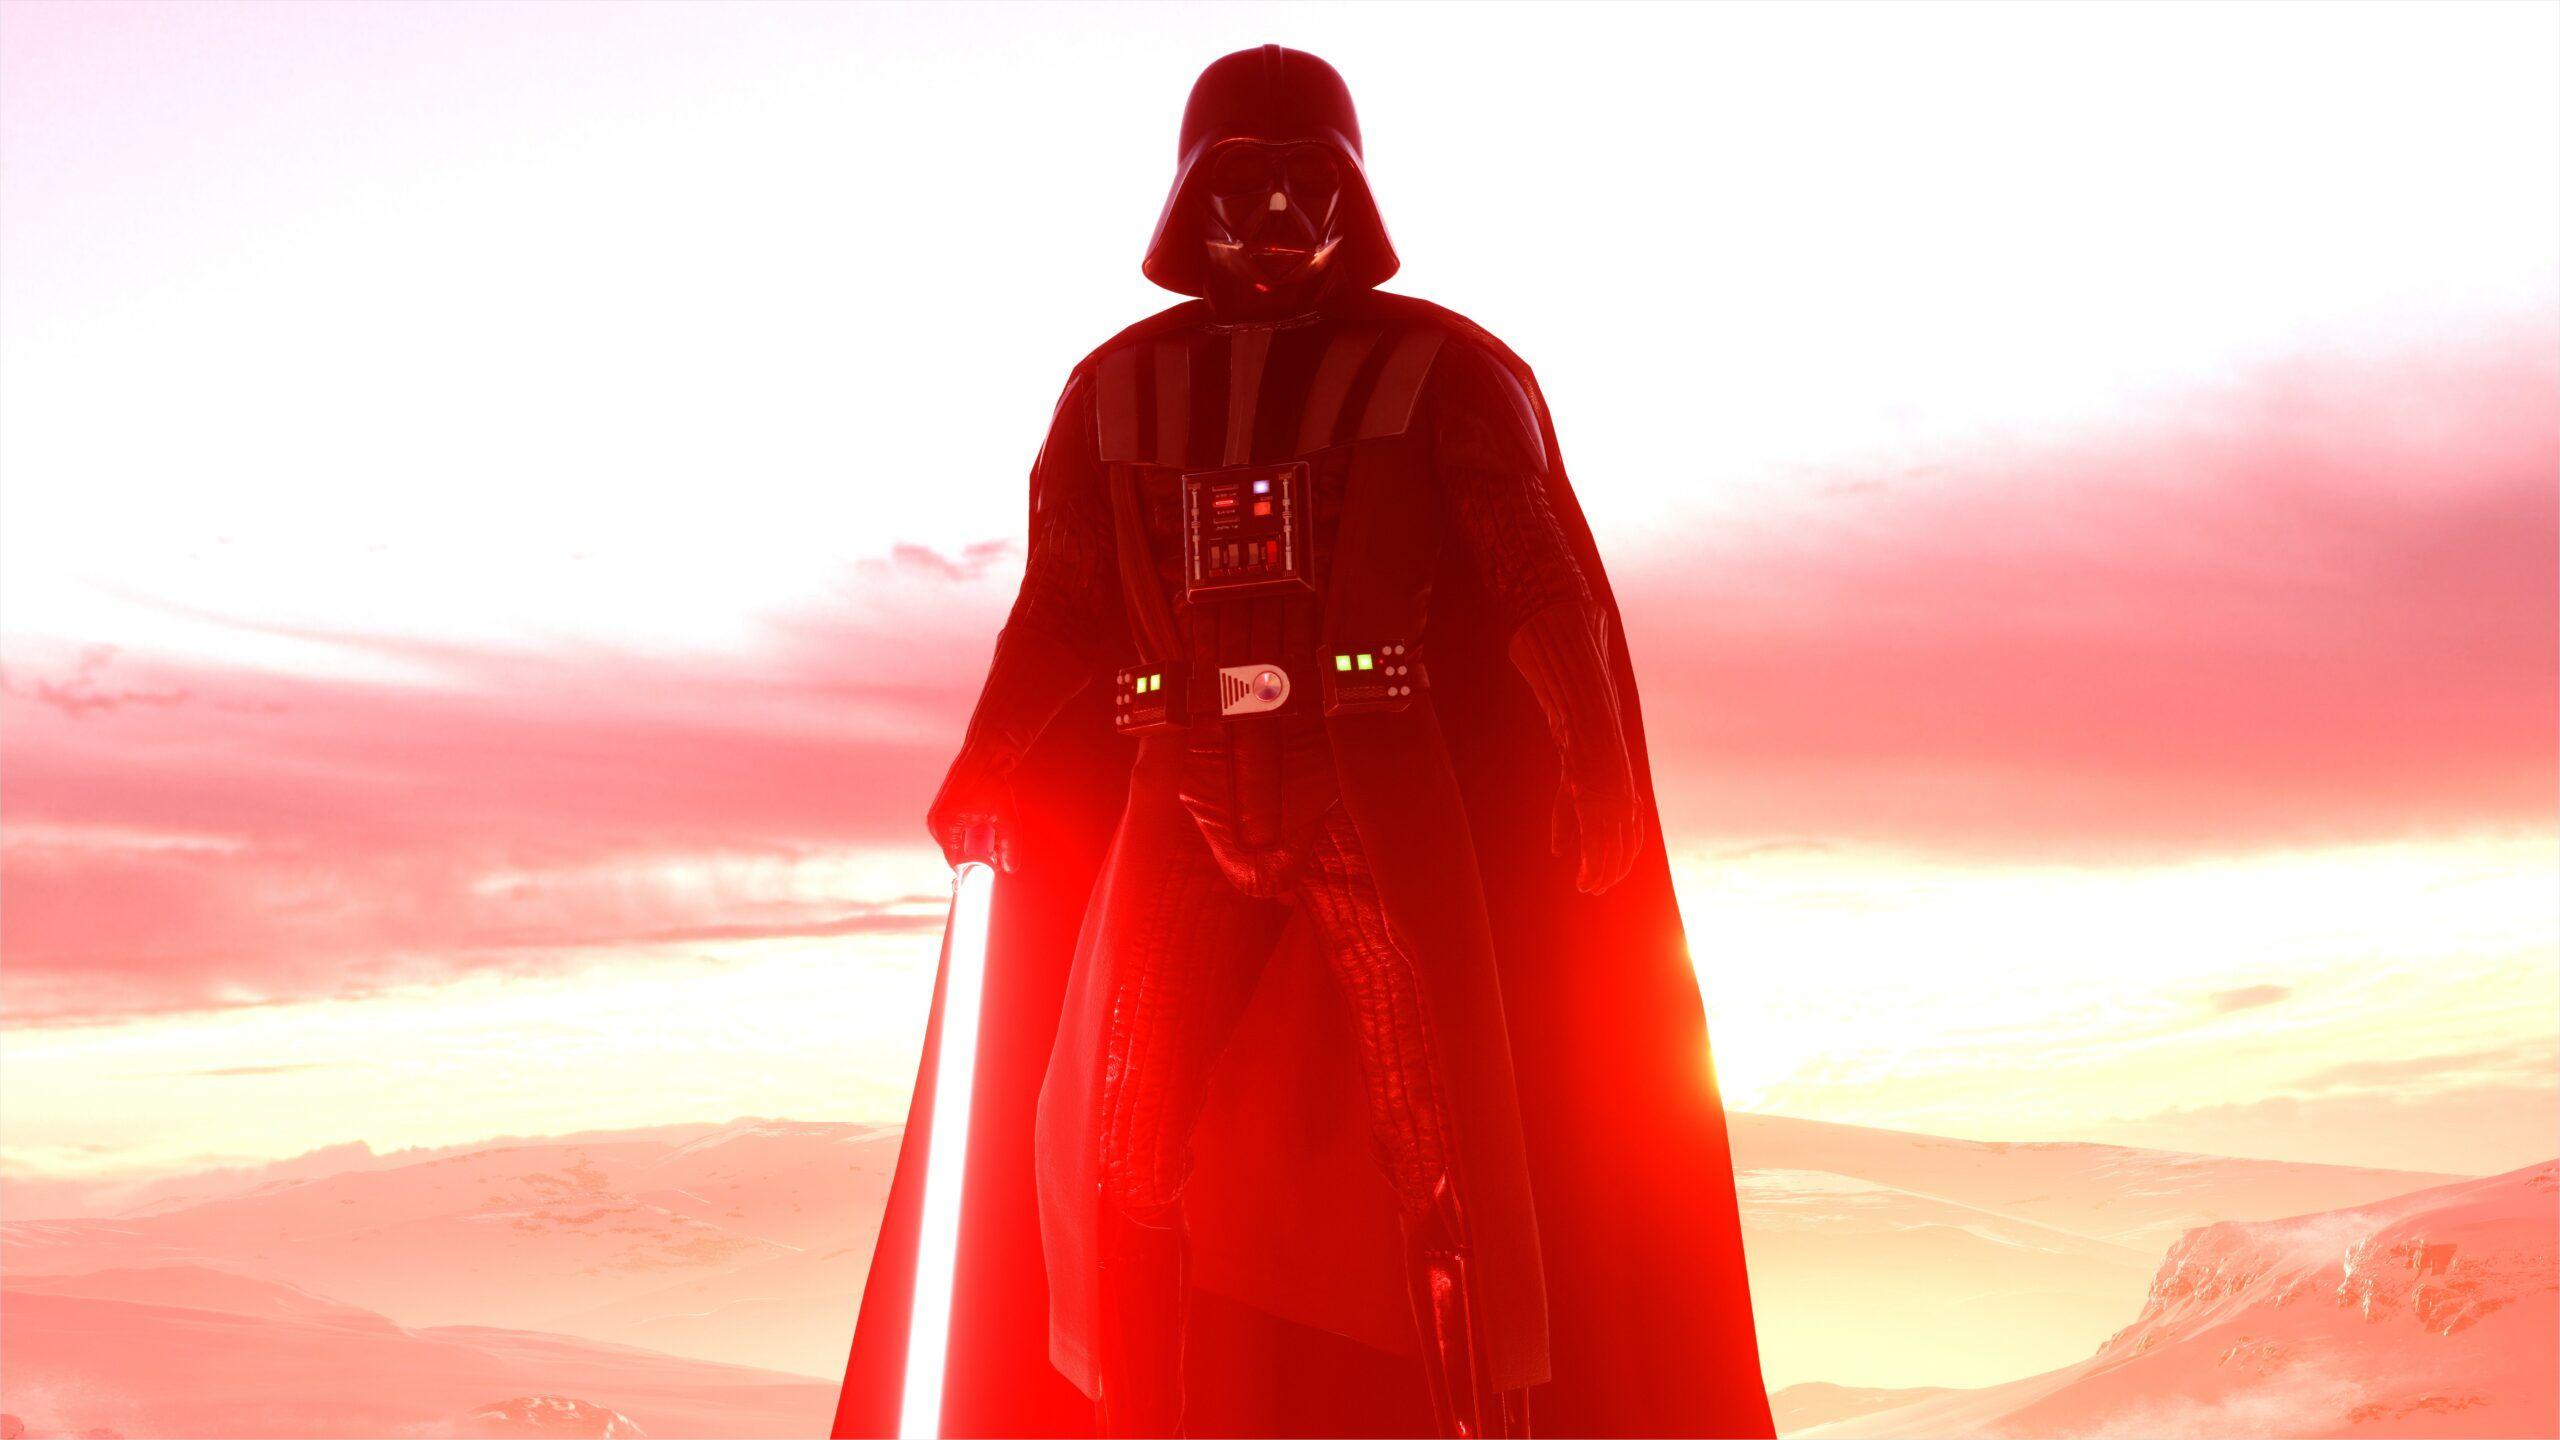 4k Star Wars Wallpaper Fan Art In 2020 Star Wars Wallpaper Darth Vader Wallpaper Star Wars Battlefront